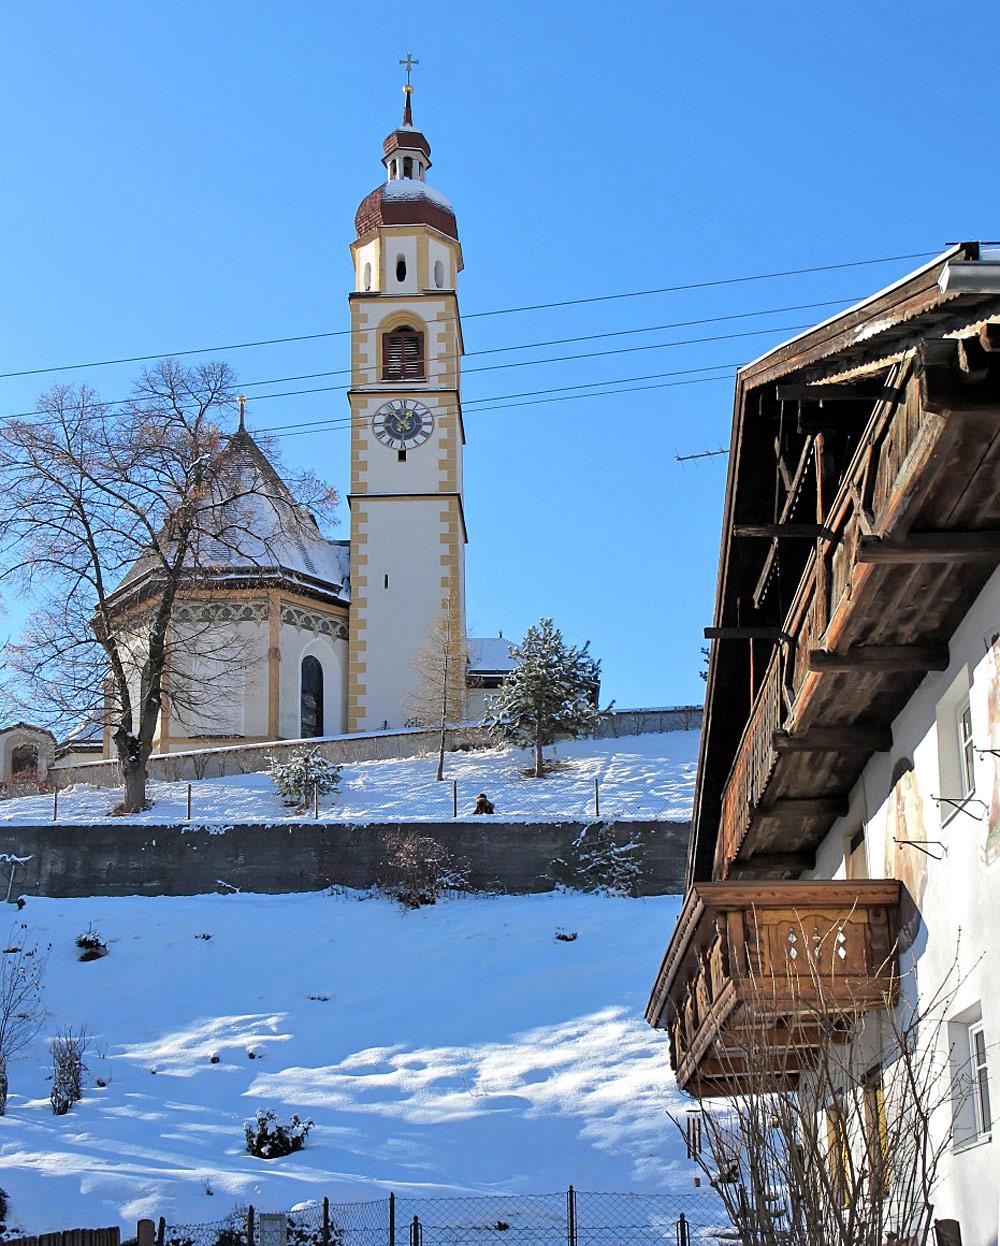 Blick auf die Pfarrkirche St. Ulrich in Tarrenz